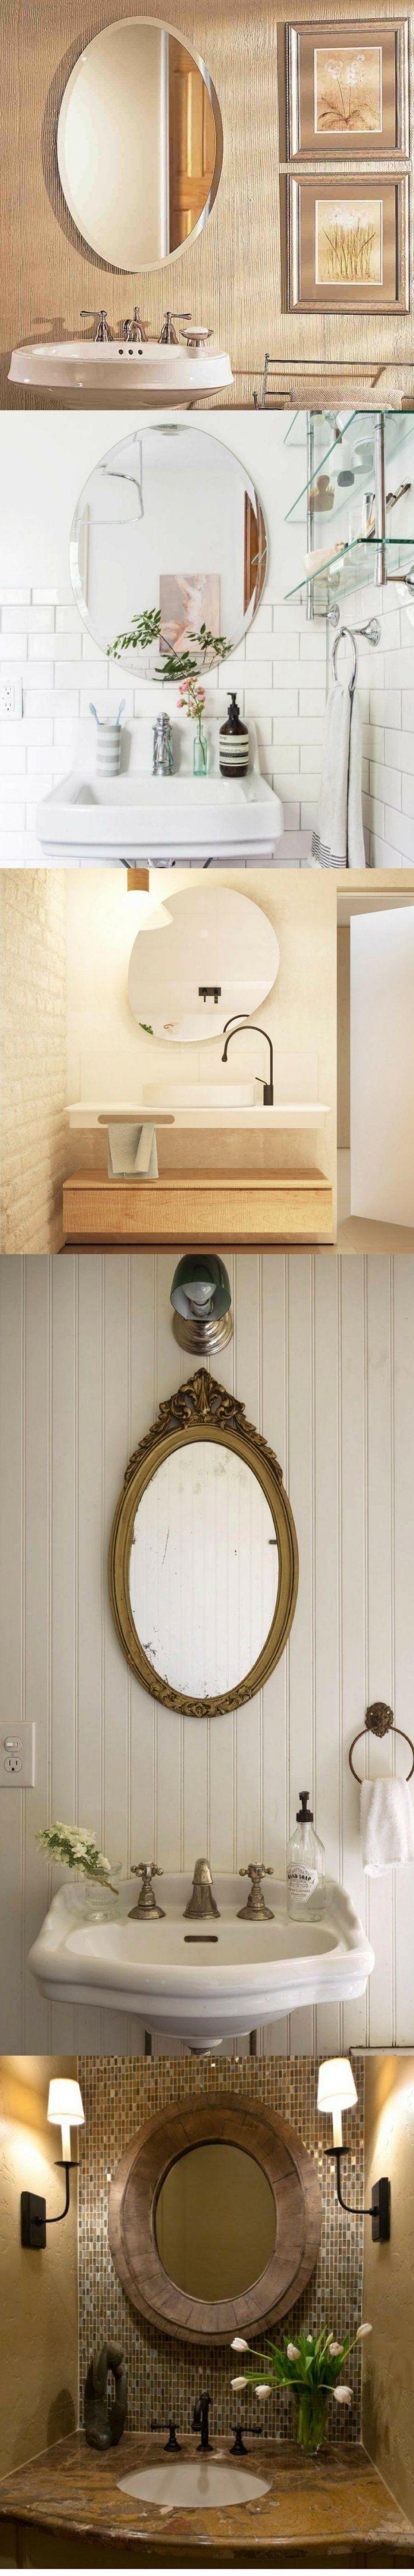 40 Popular Bathroom Mirror Ideas Vanity Twin Mirror Modern Rustic Unique Bathroom Ideas Mirr In 2020 Bathroom Mirror Round Mirror Bathroom Oval Mirror Bathroom